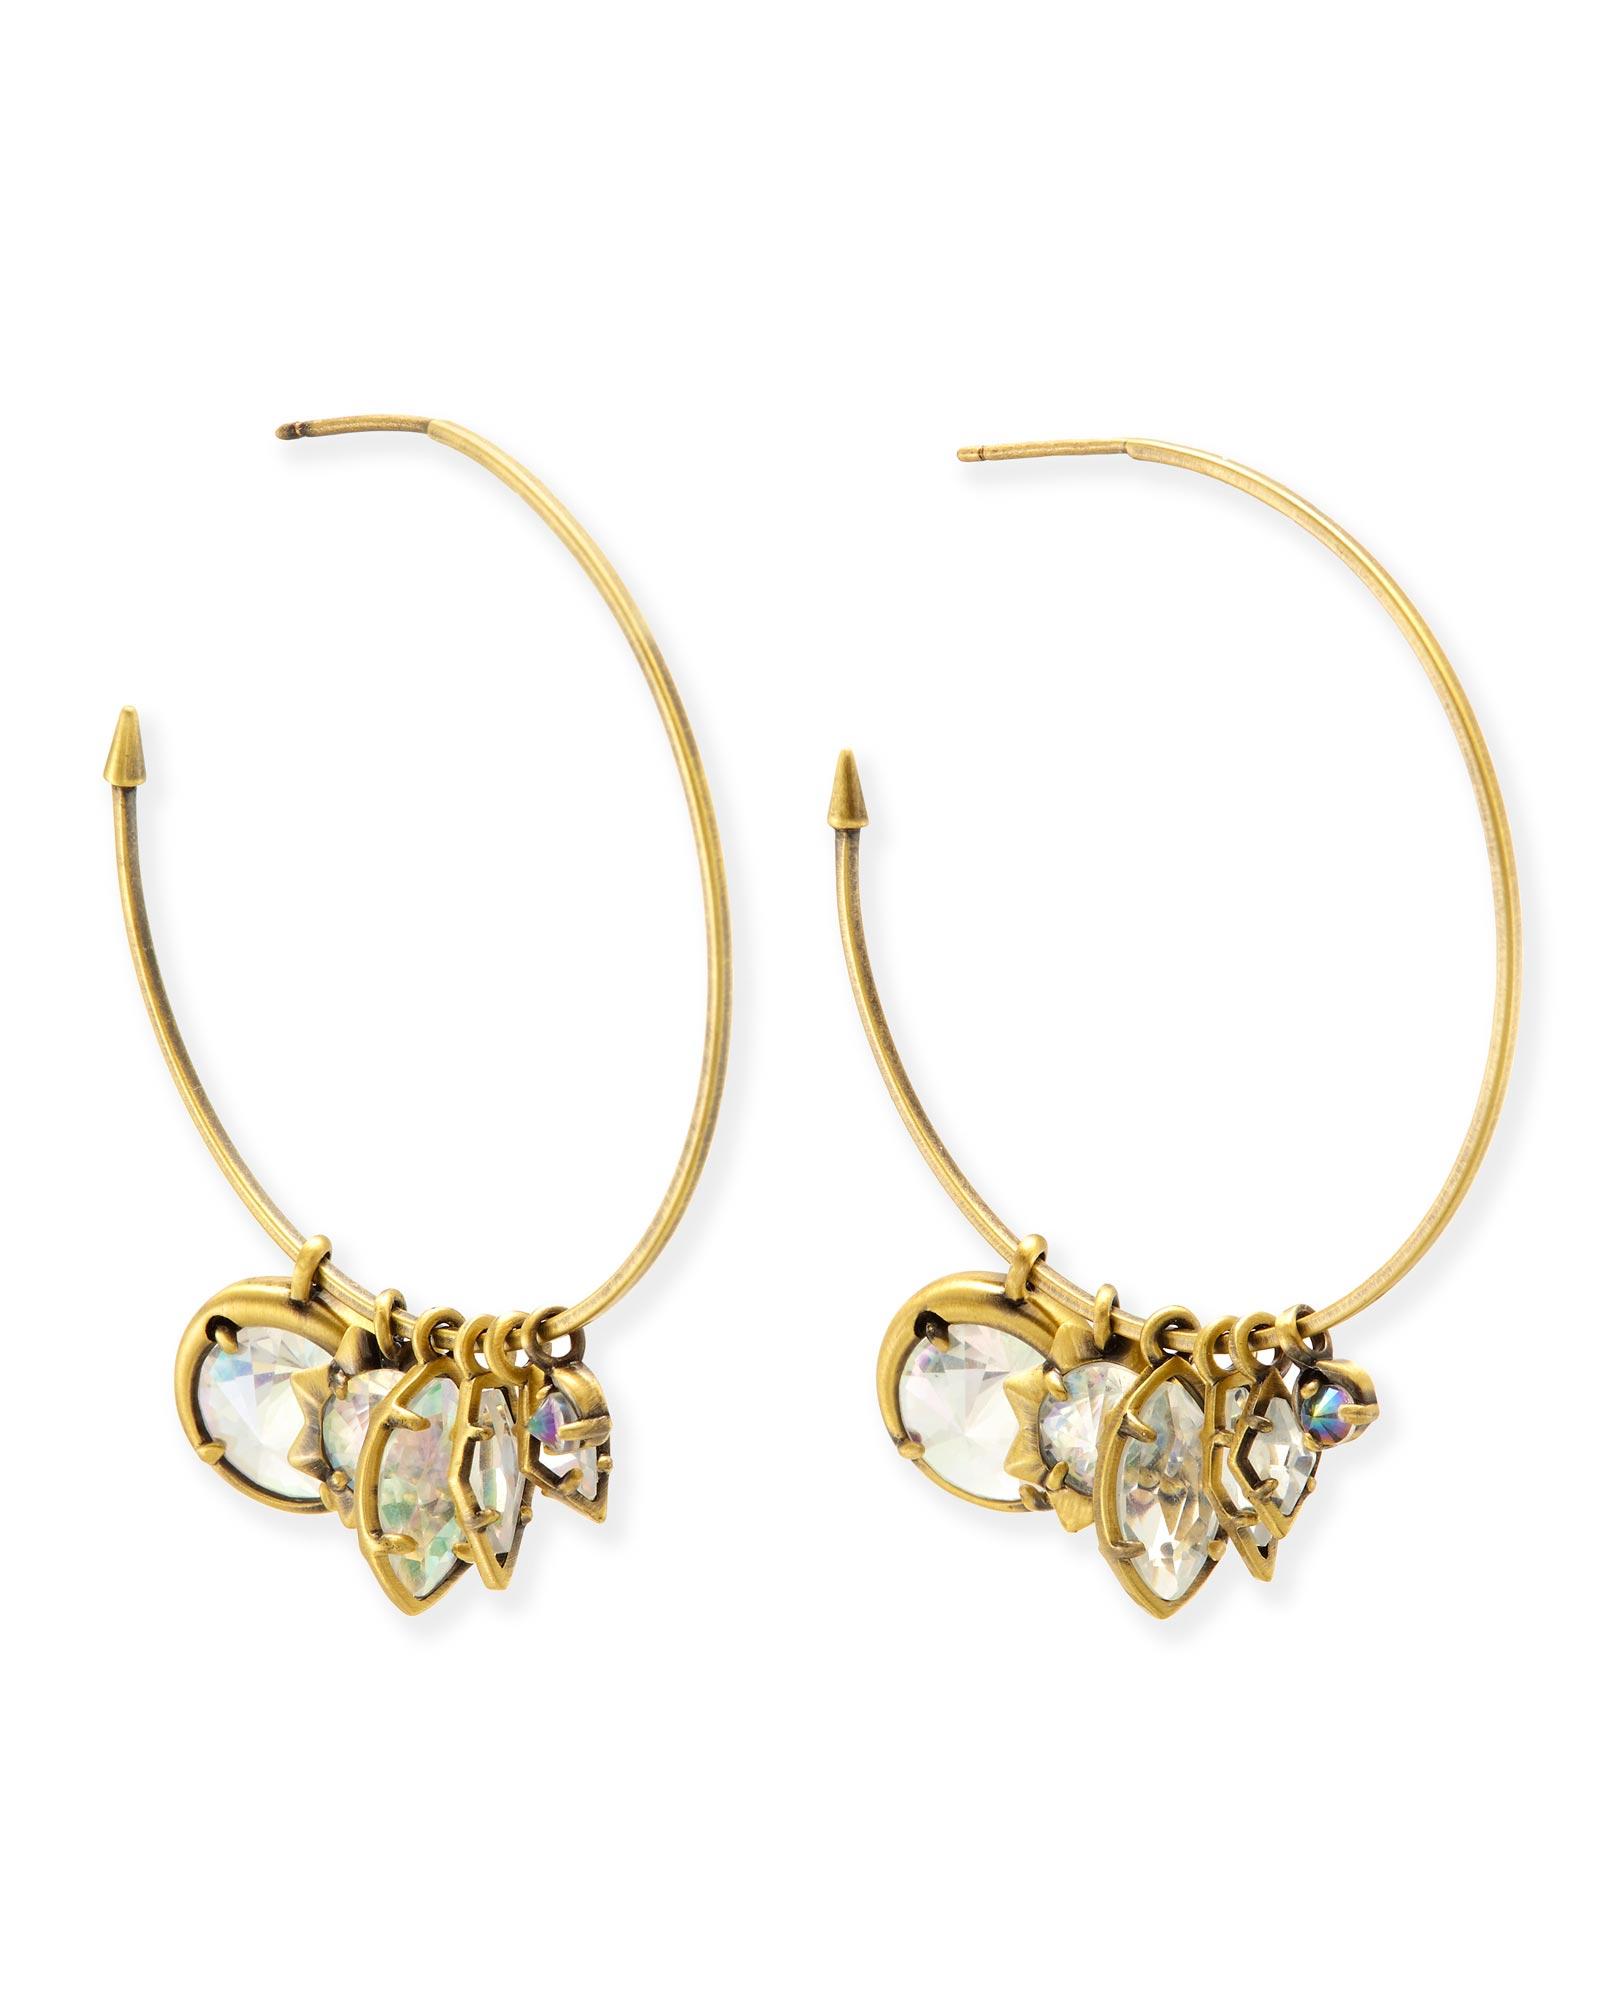 Alyssa Charm Hoop Earrings In Antique Br